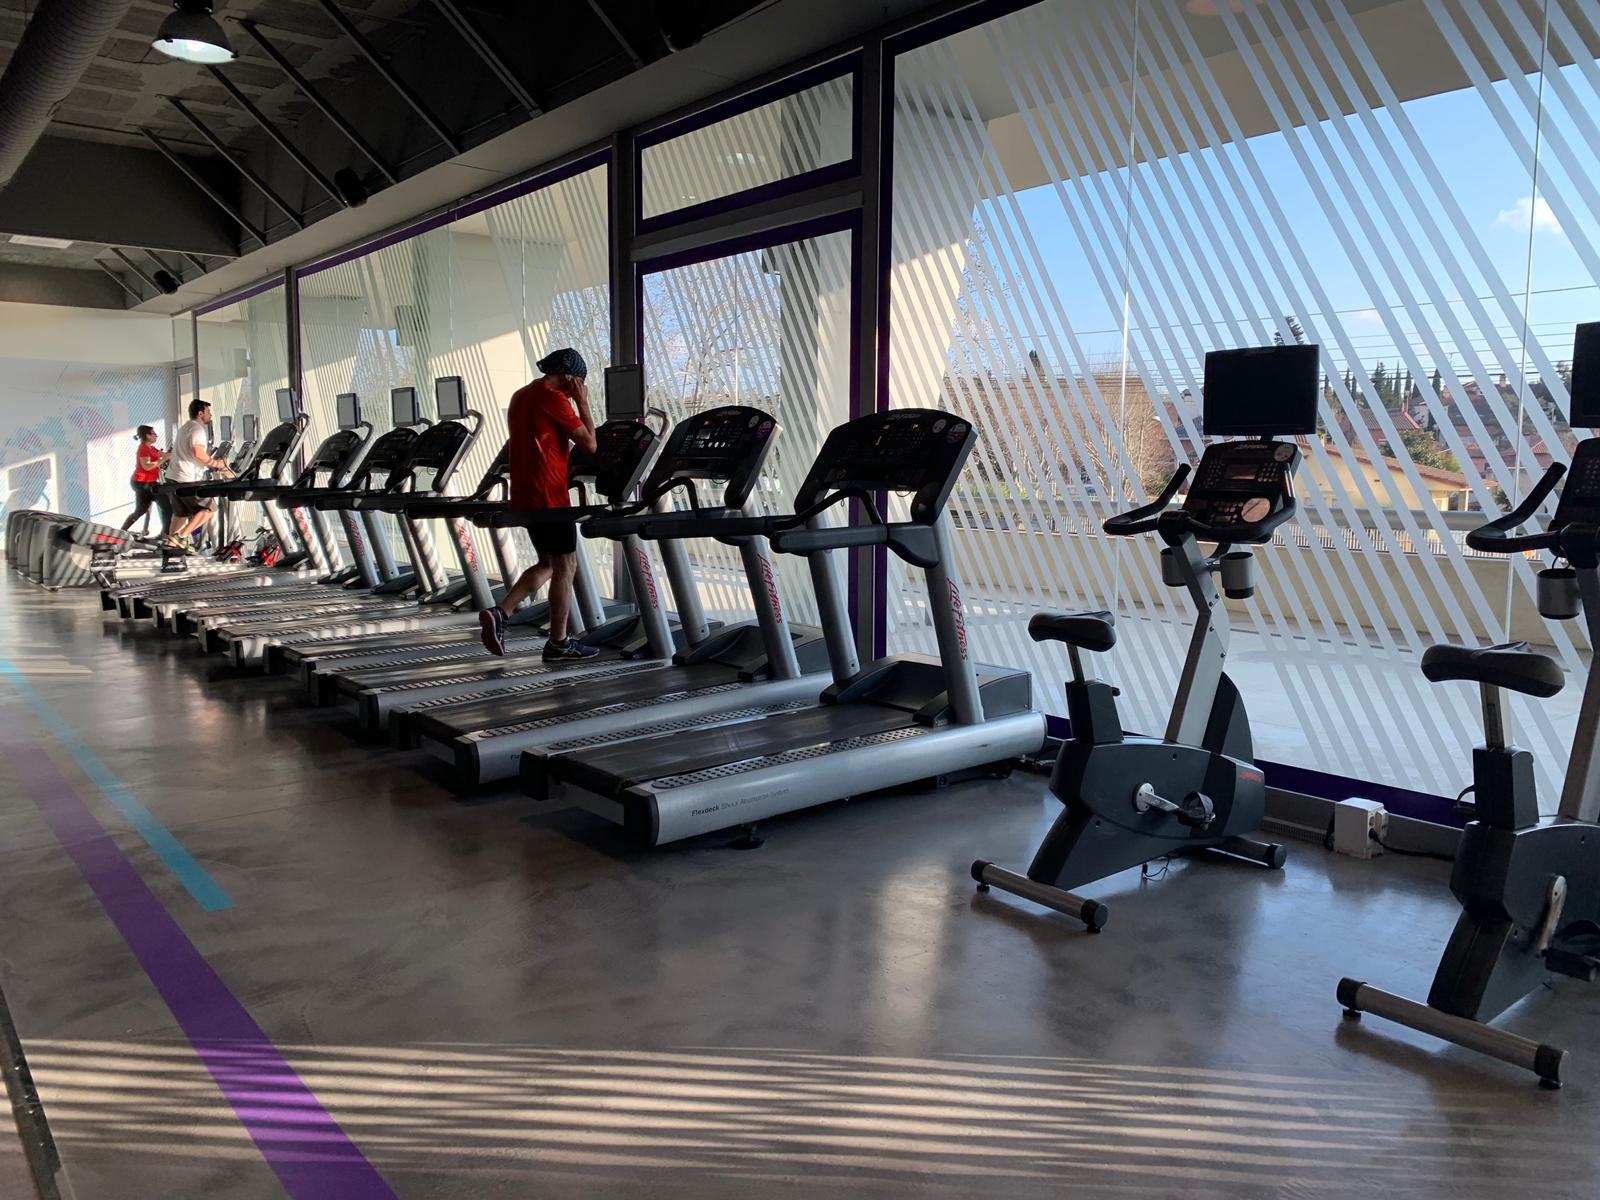 En México, el 70% de los usuarios canceló o congeló su suscripción al gimnasio